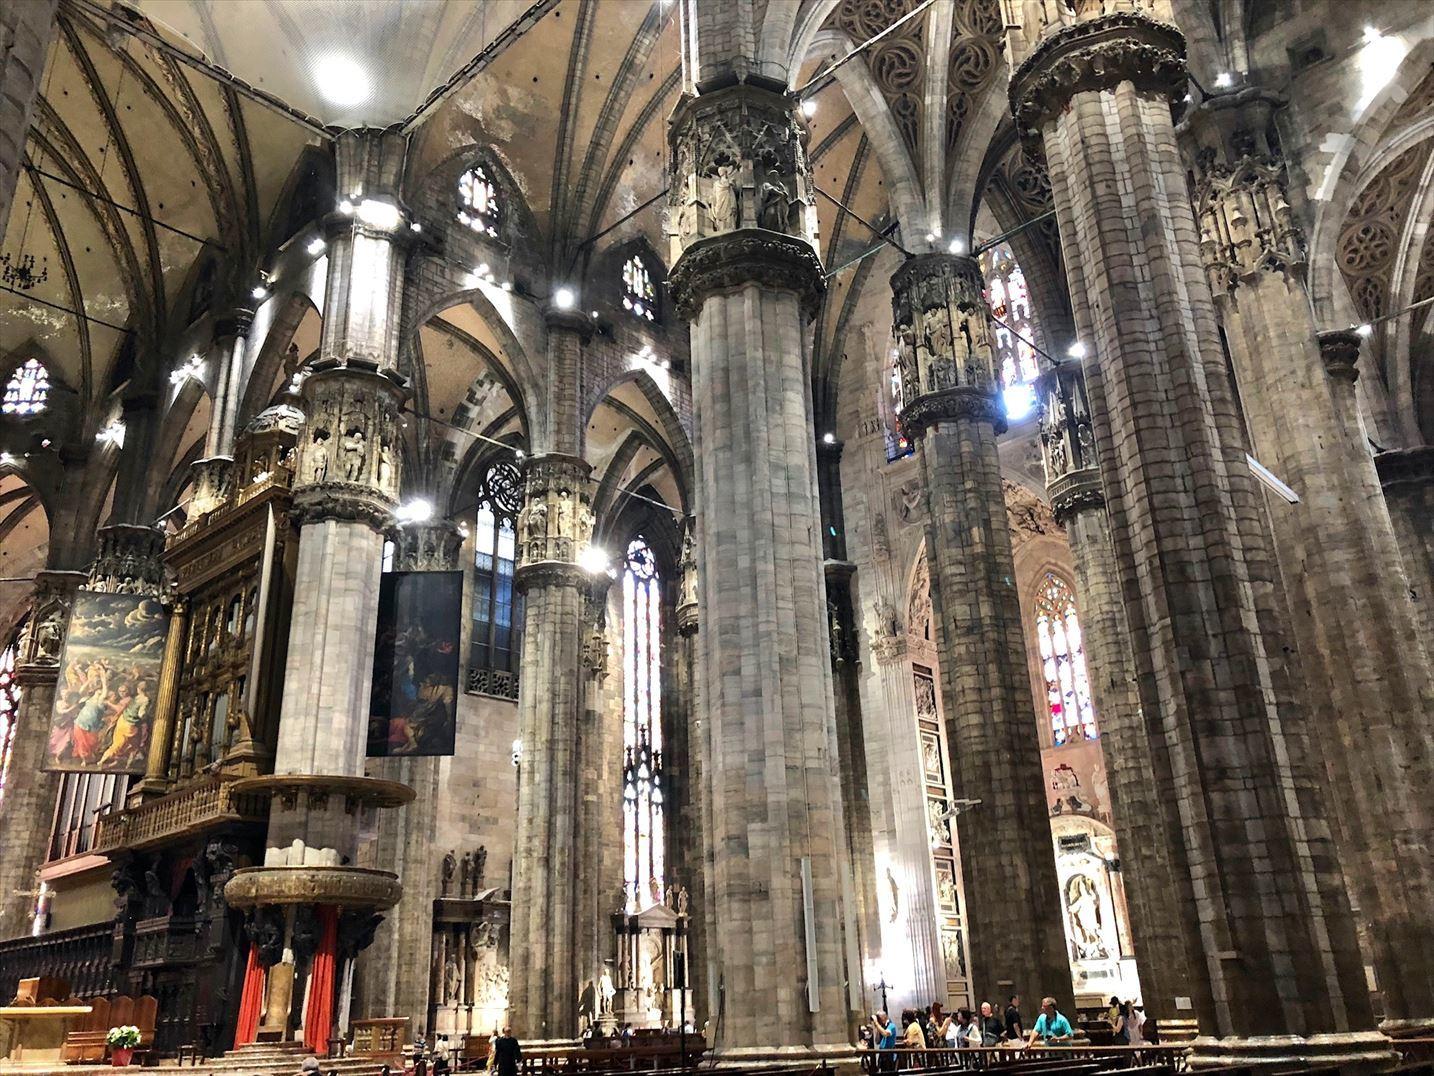 シチリア/44  荘厳なミラノ大聖堂 Ⅱ_a0092659_18385930.jpg